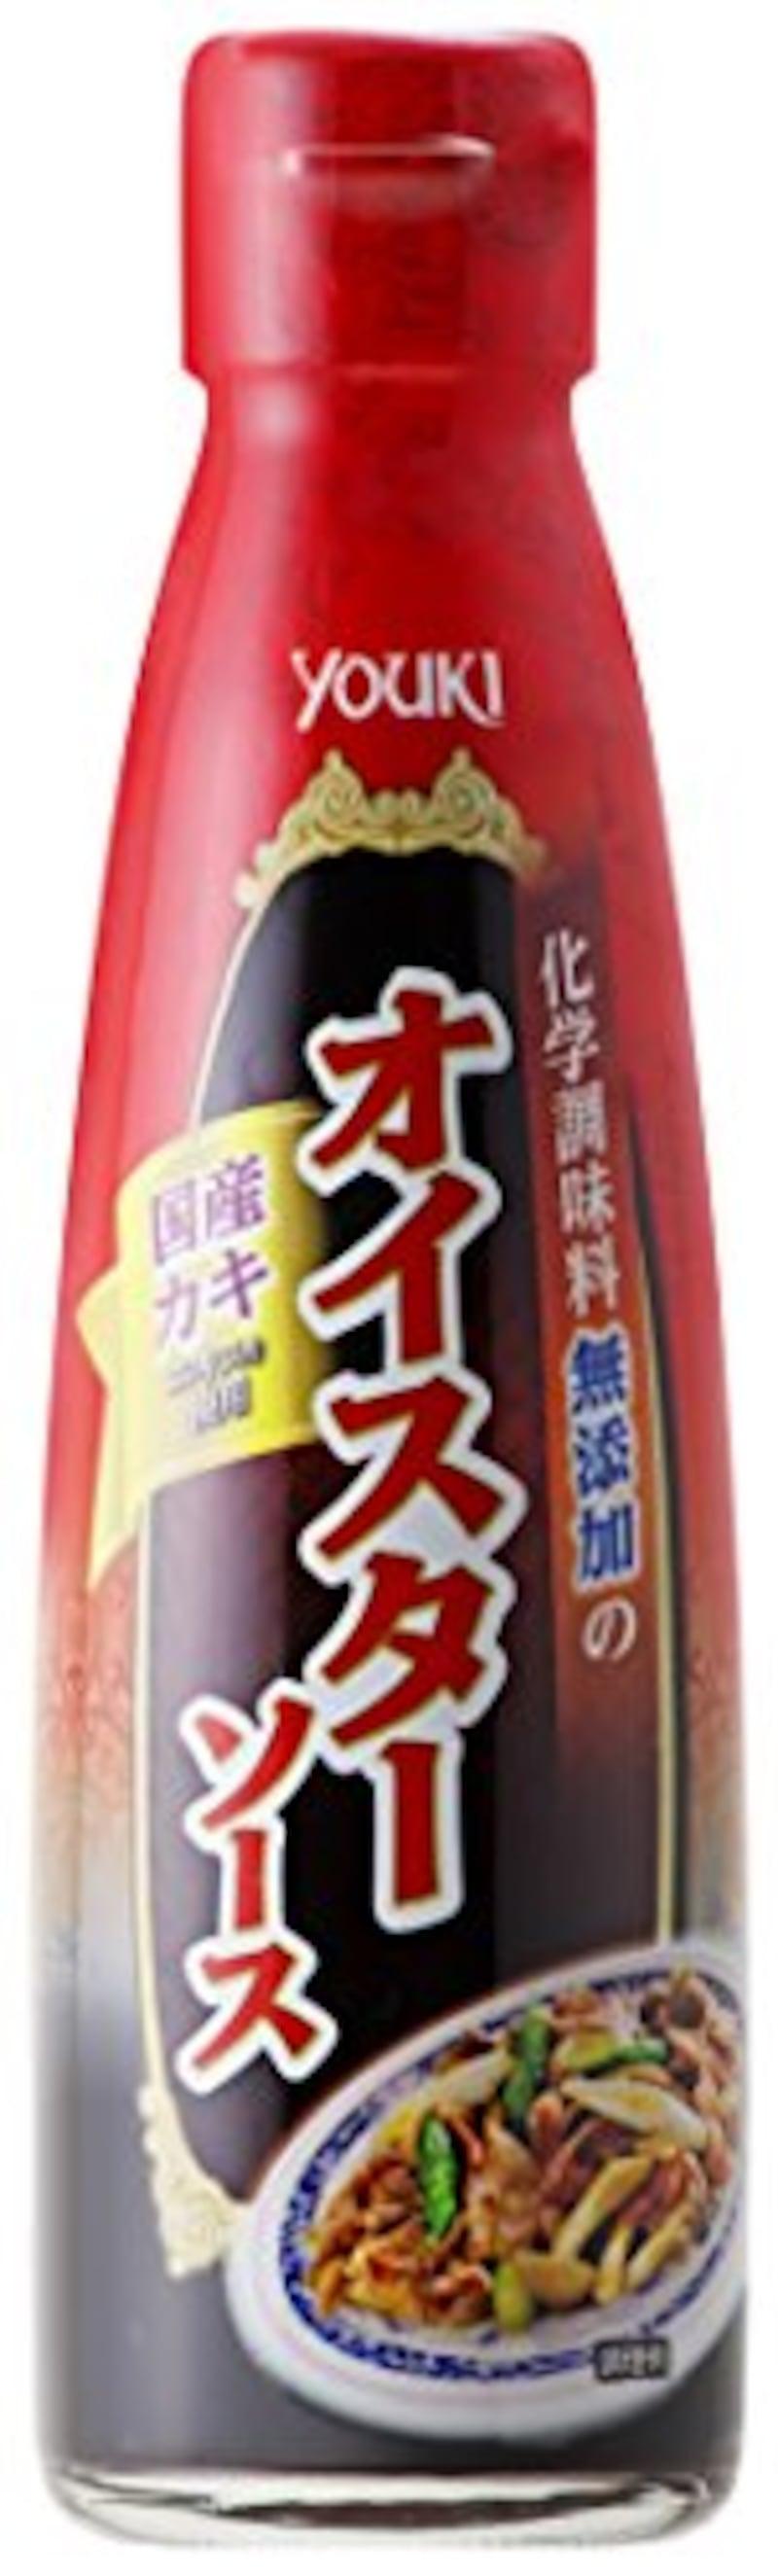 ユウキ,化学調味料無添加オイスターソース 220g